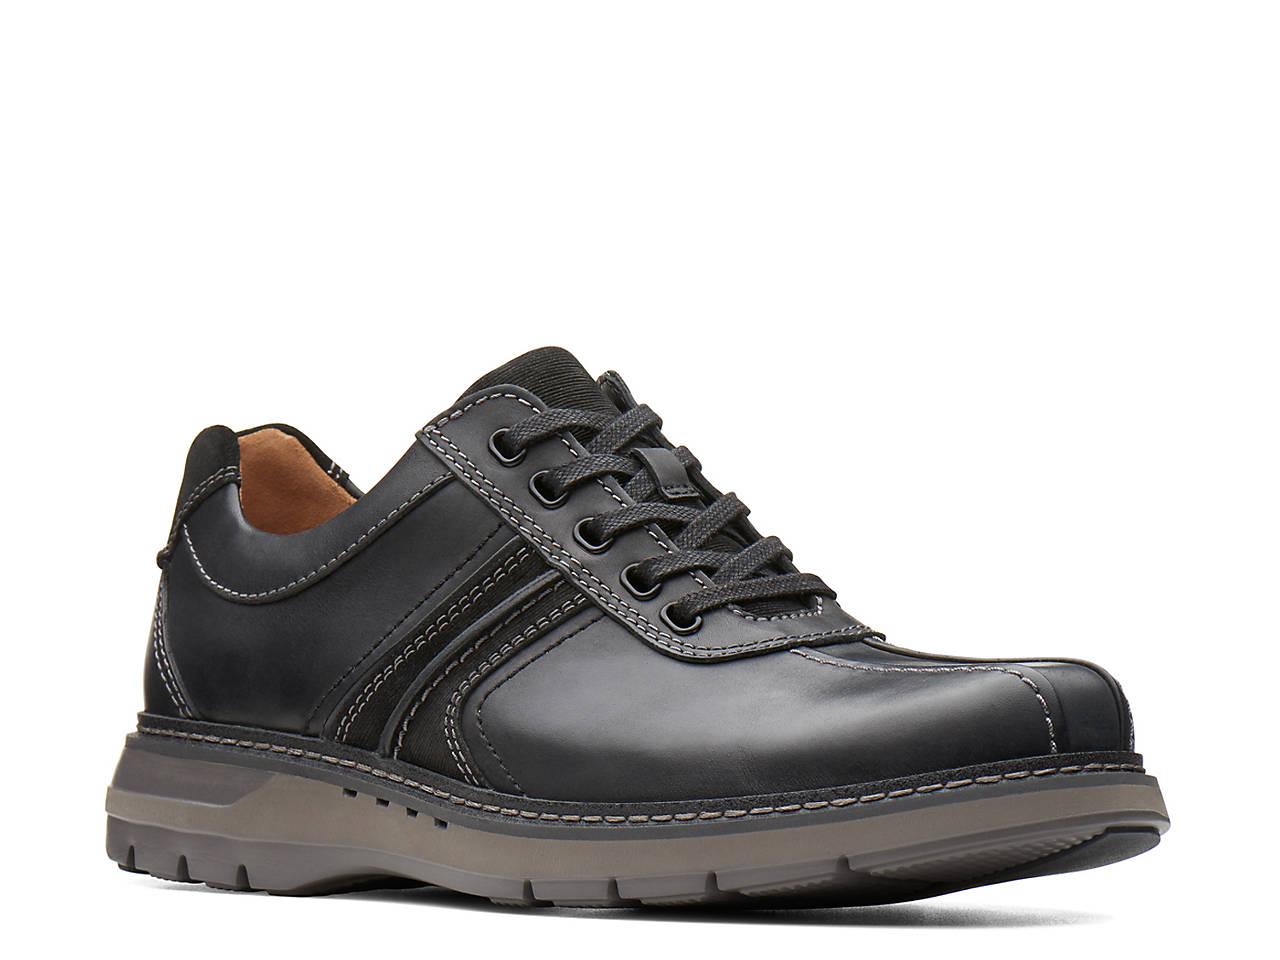 edc0ced4 Clarks Unstructured Un.Ramble Go Oxford Men's Shoes | DSW